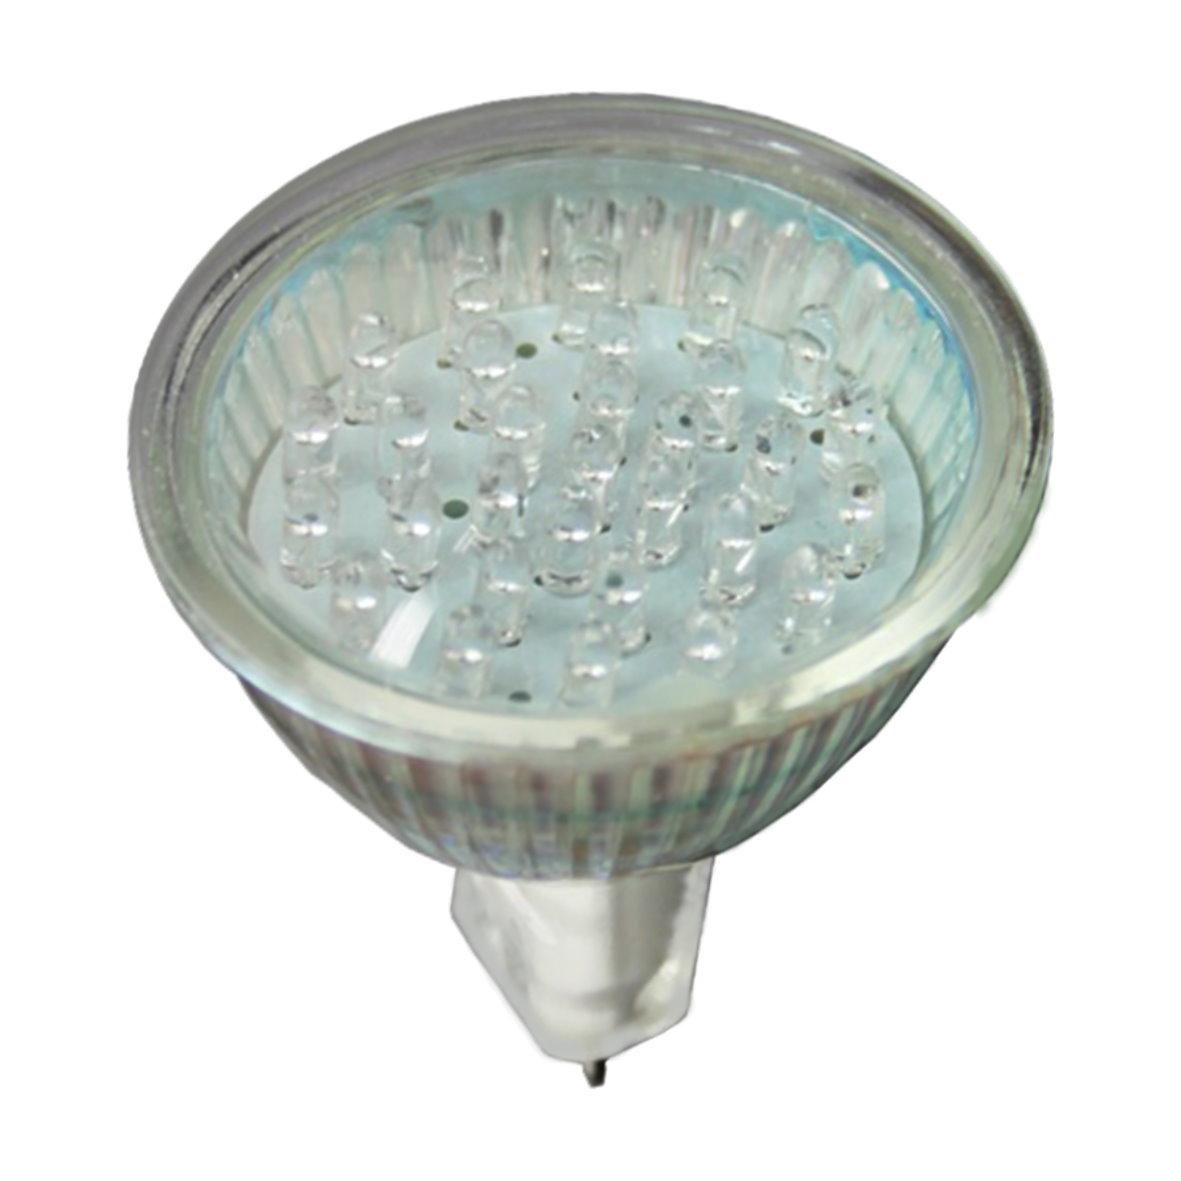 del smd ampoules poire couleur color globe lampe spot projecteur rond 1 w 2 w 5 w ebay. Black Bedroom Furniture Sets. Home Design Ideas